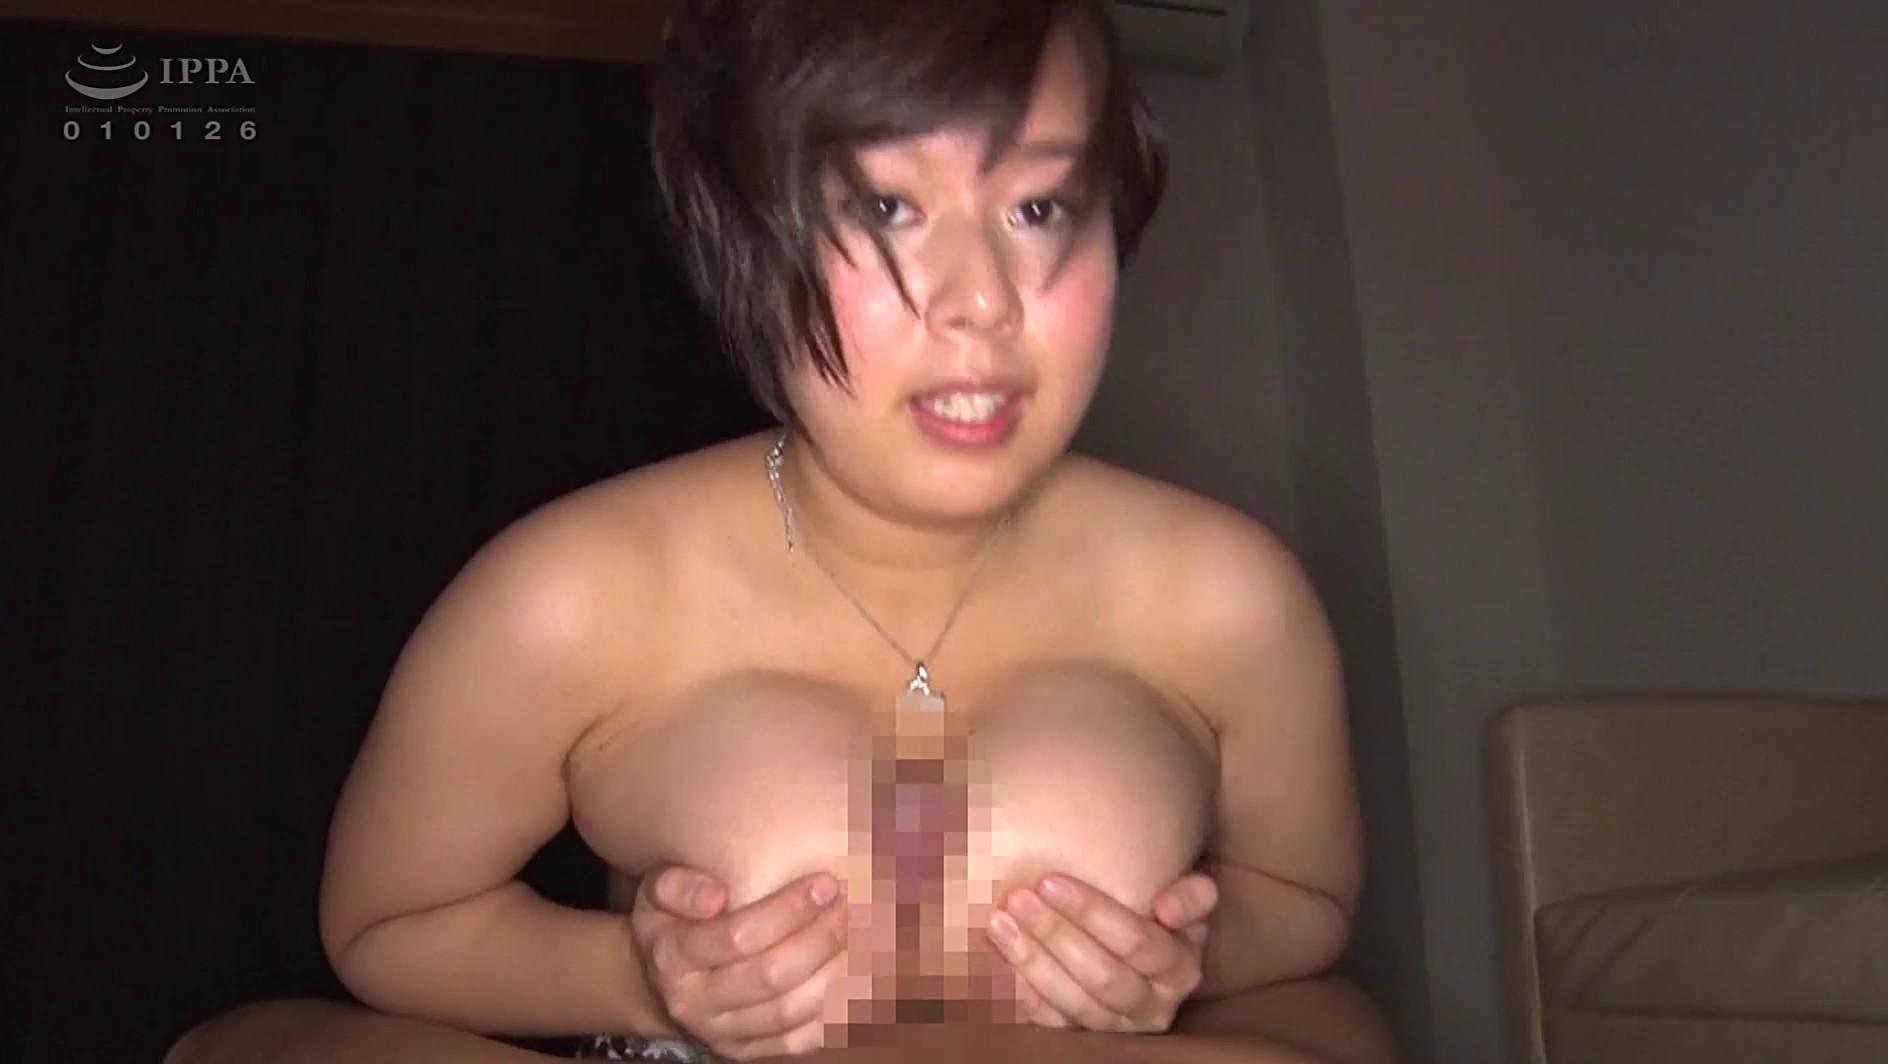 爆乳ムチぽちゃ女子20人連続セックス 2 16時間 BOX 画像15